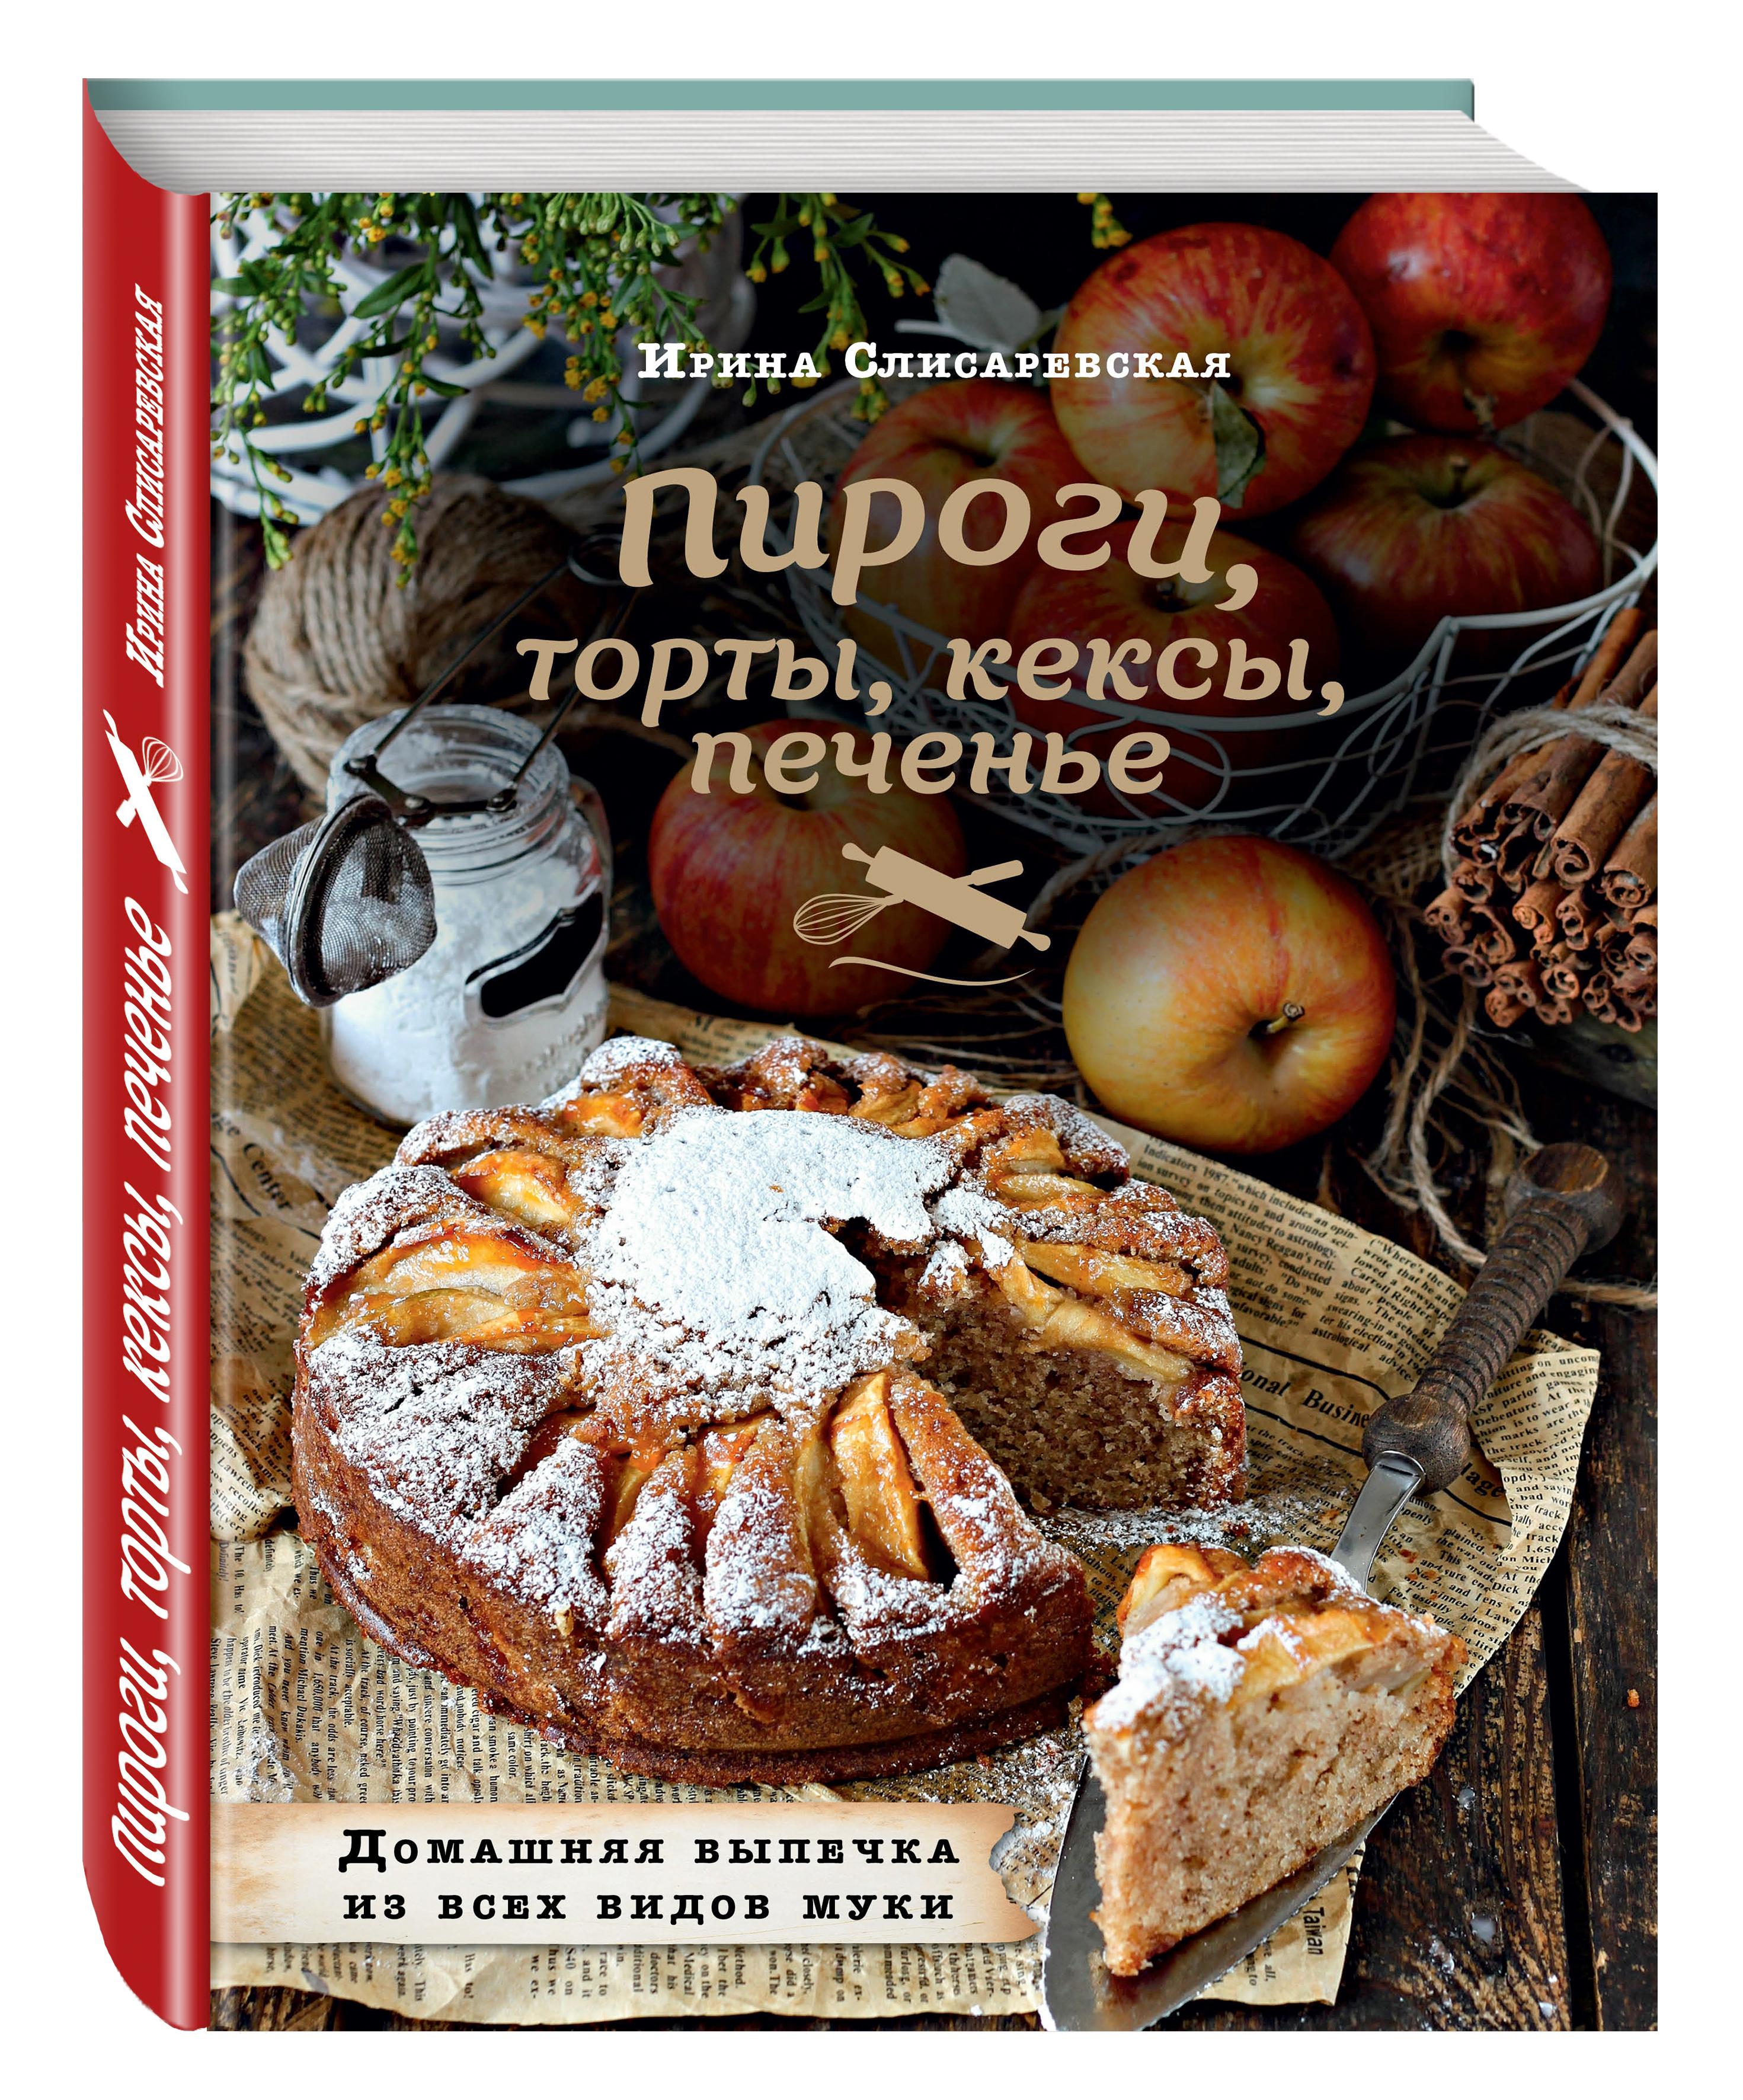 Слисаревская И.В. Пироги, торты, кексы, печенье. Домашняя выпечка из всех видов муки